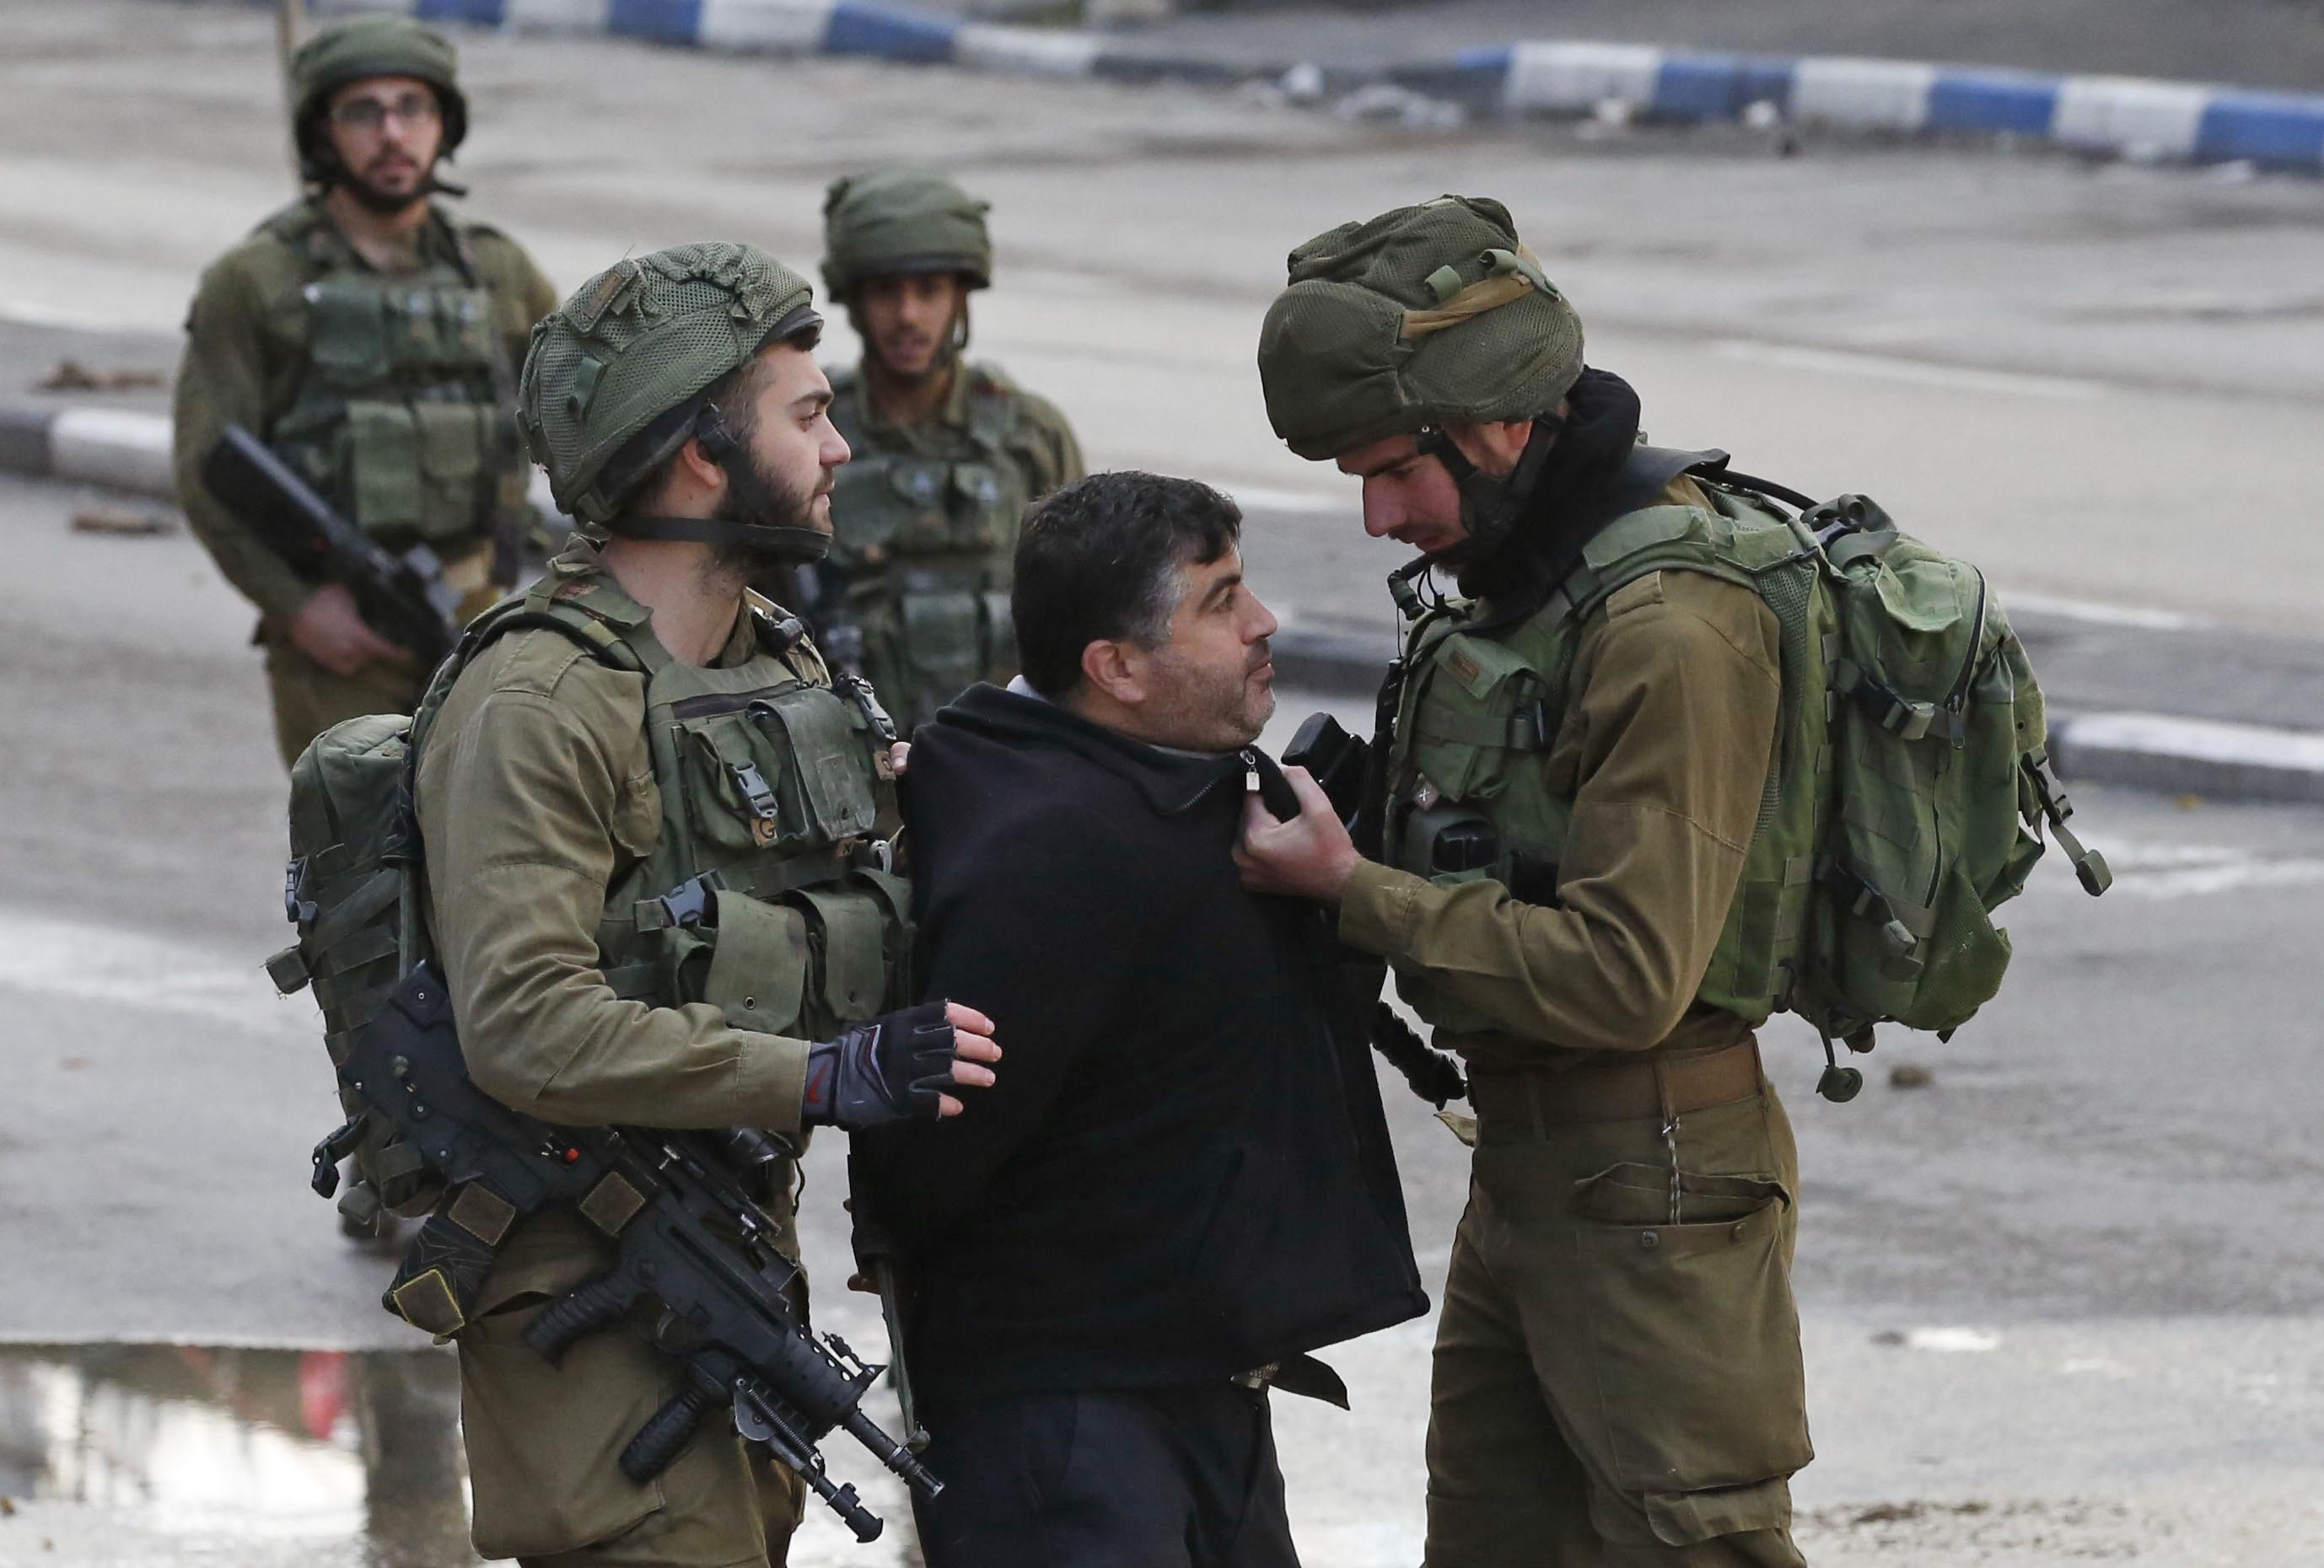 عناصر الاحتلال تعتقل فلسطينى